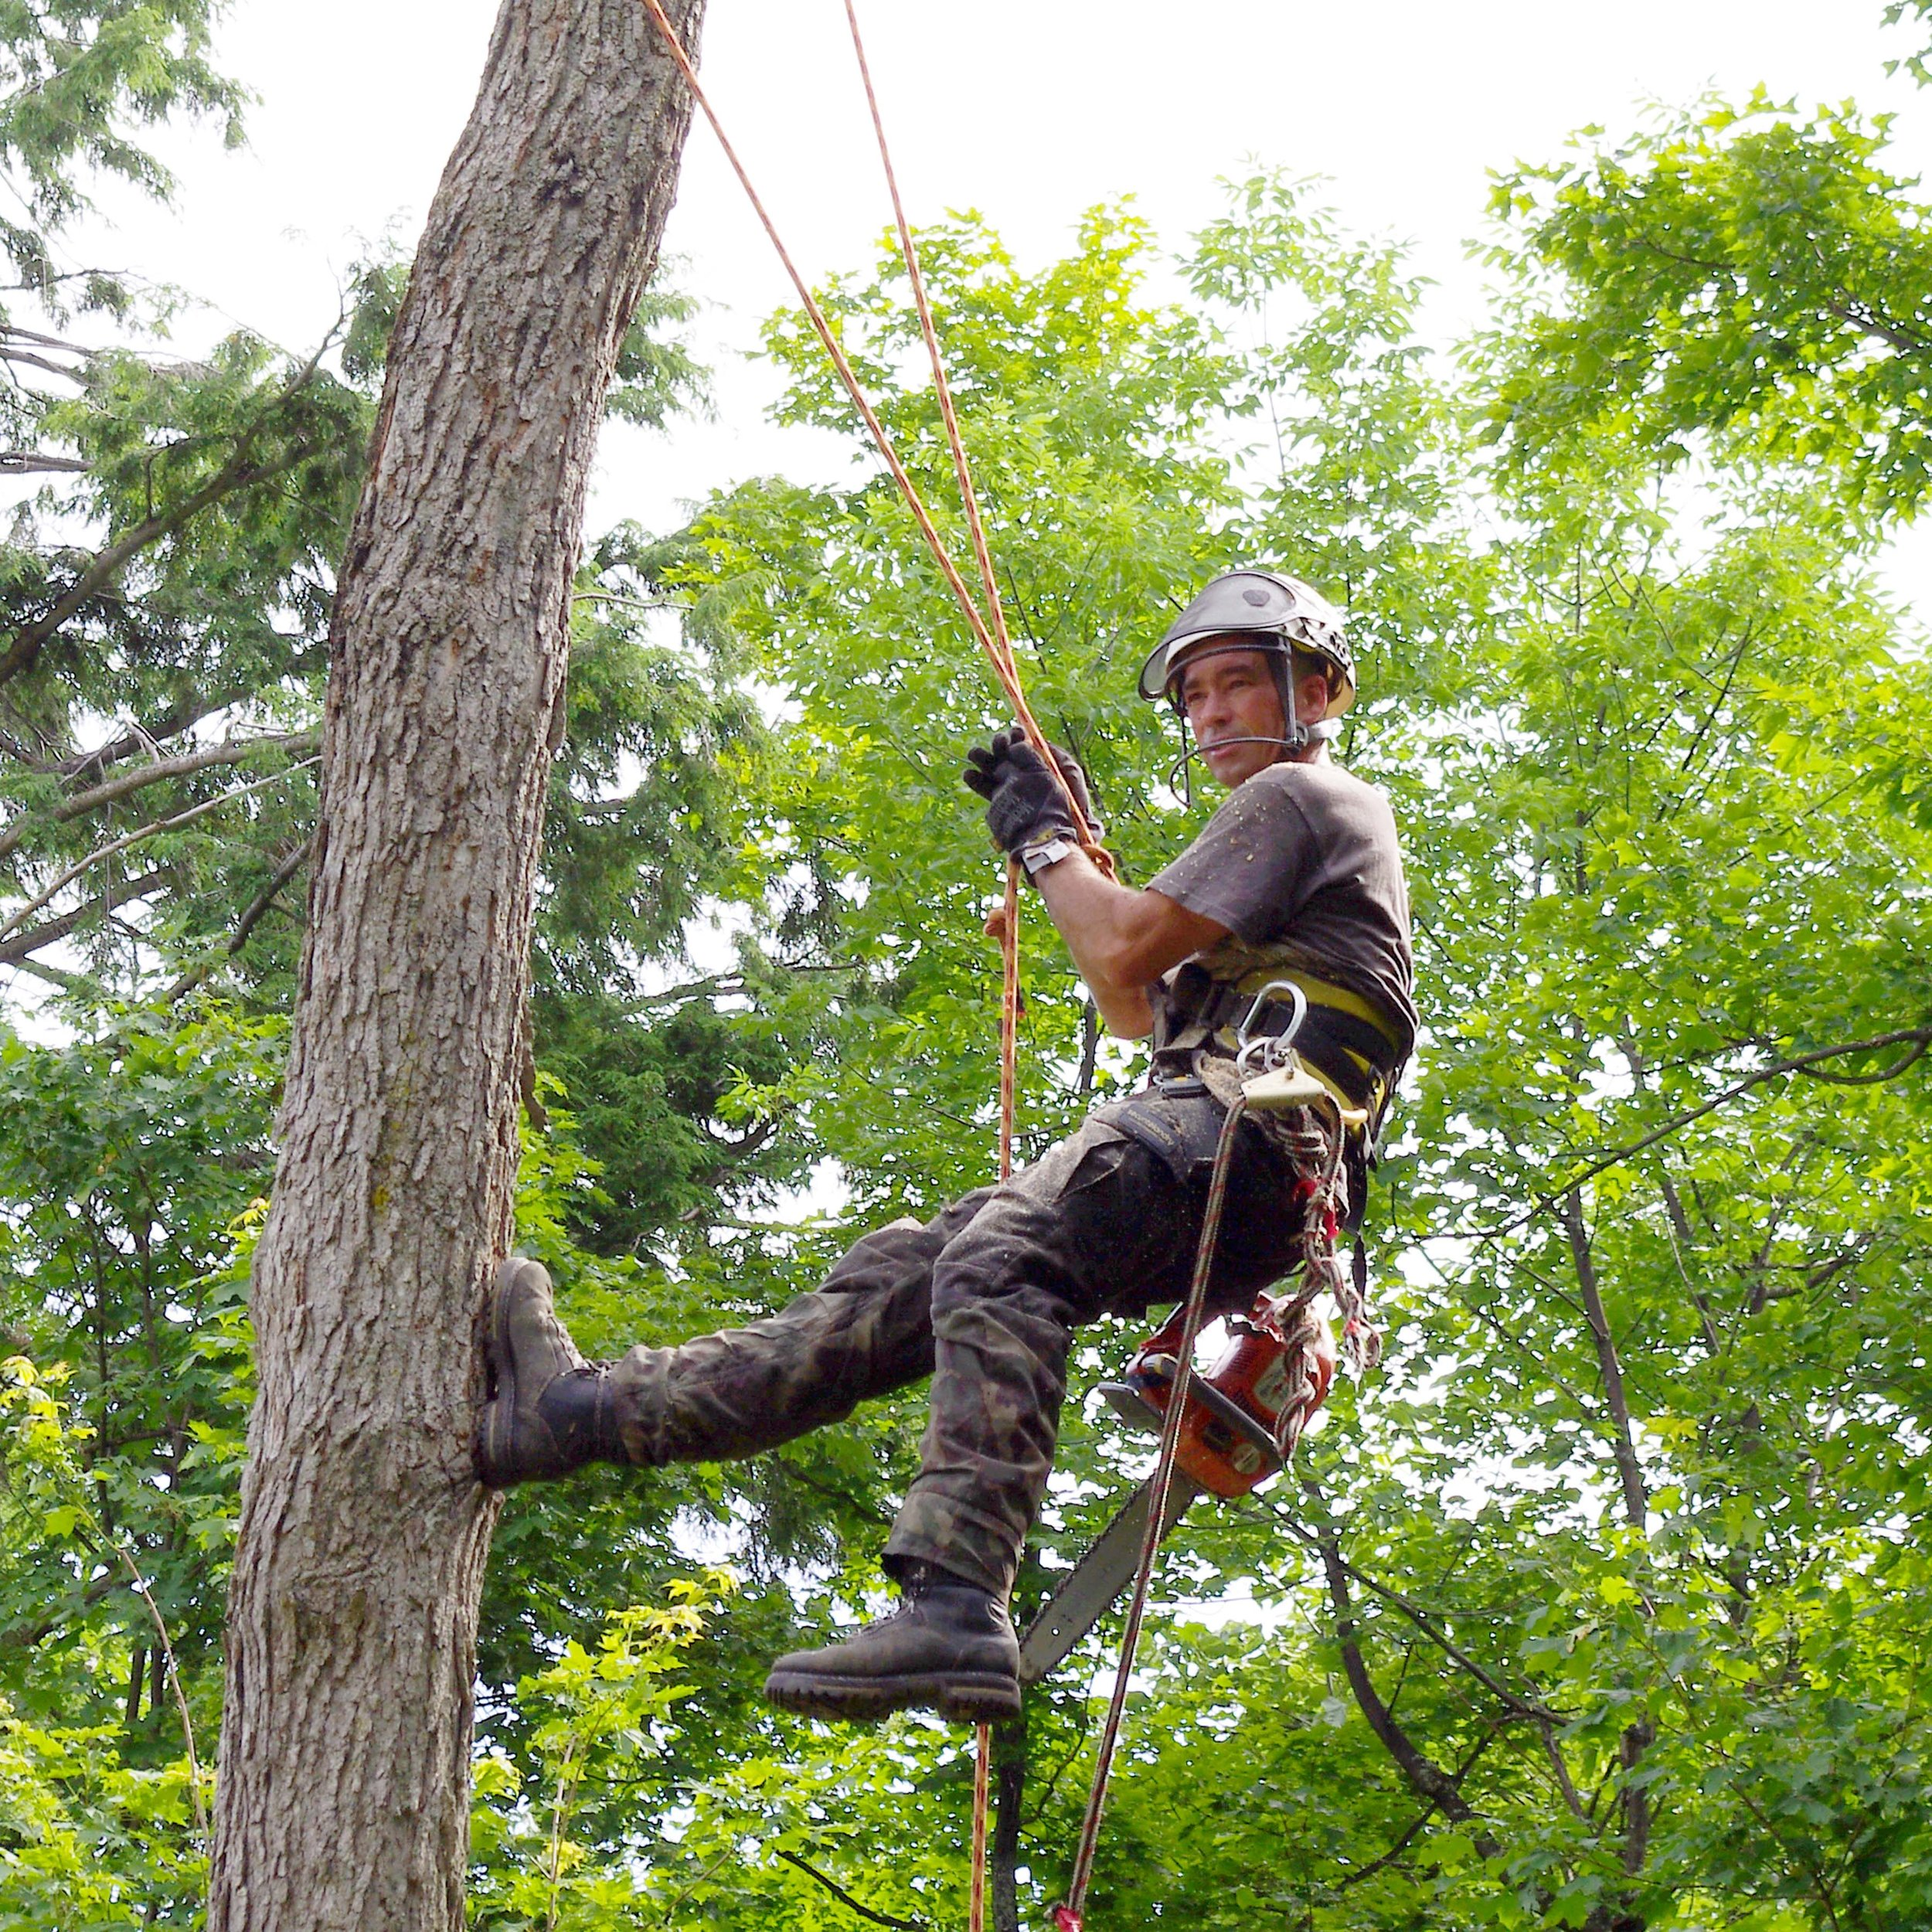 Jean-François Séguin, Propriétaire - Plus de 20 ans d'expérience dans le domaine. Spécialiste des arbres matures et dangeureux